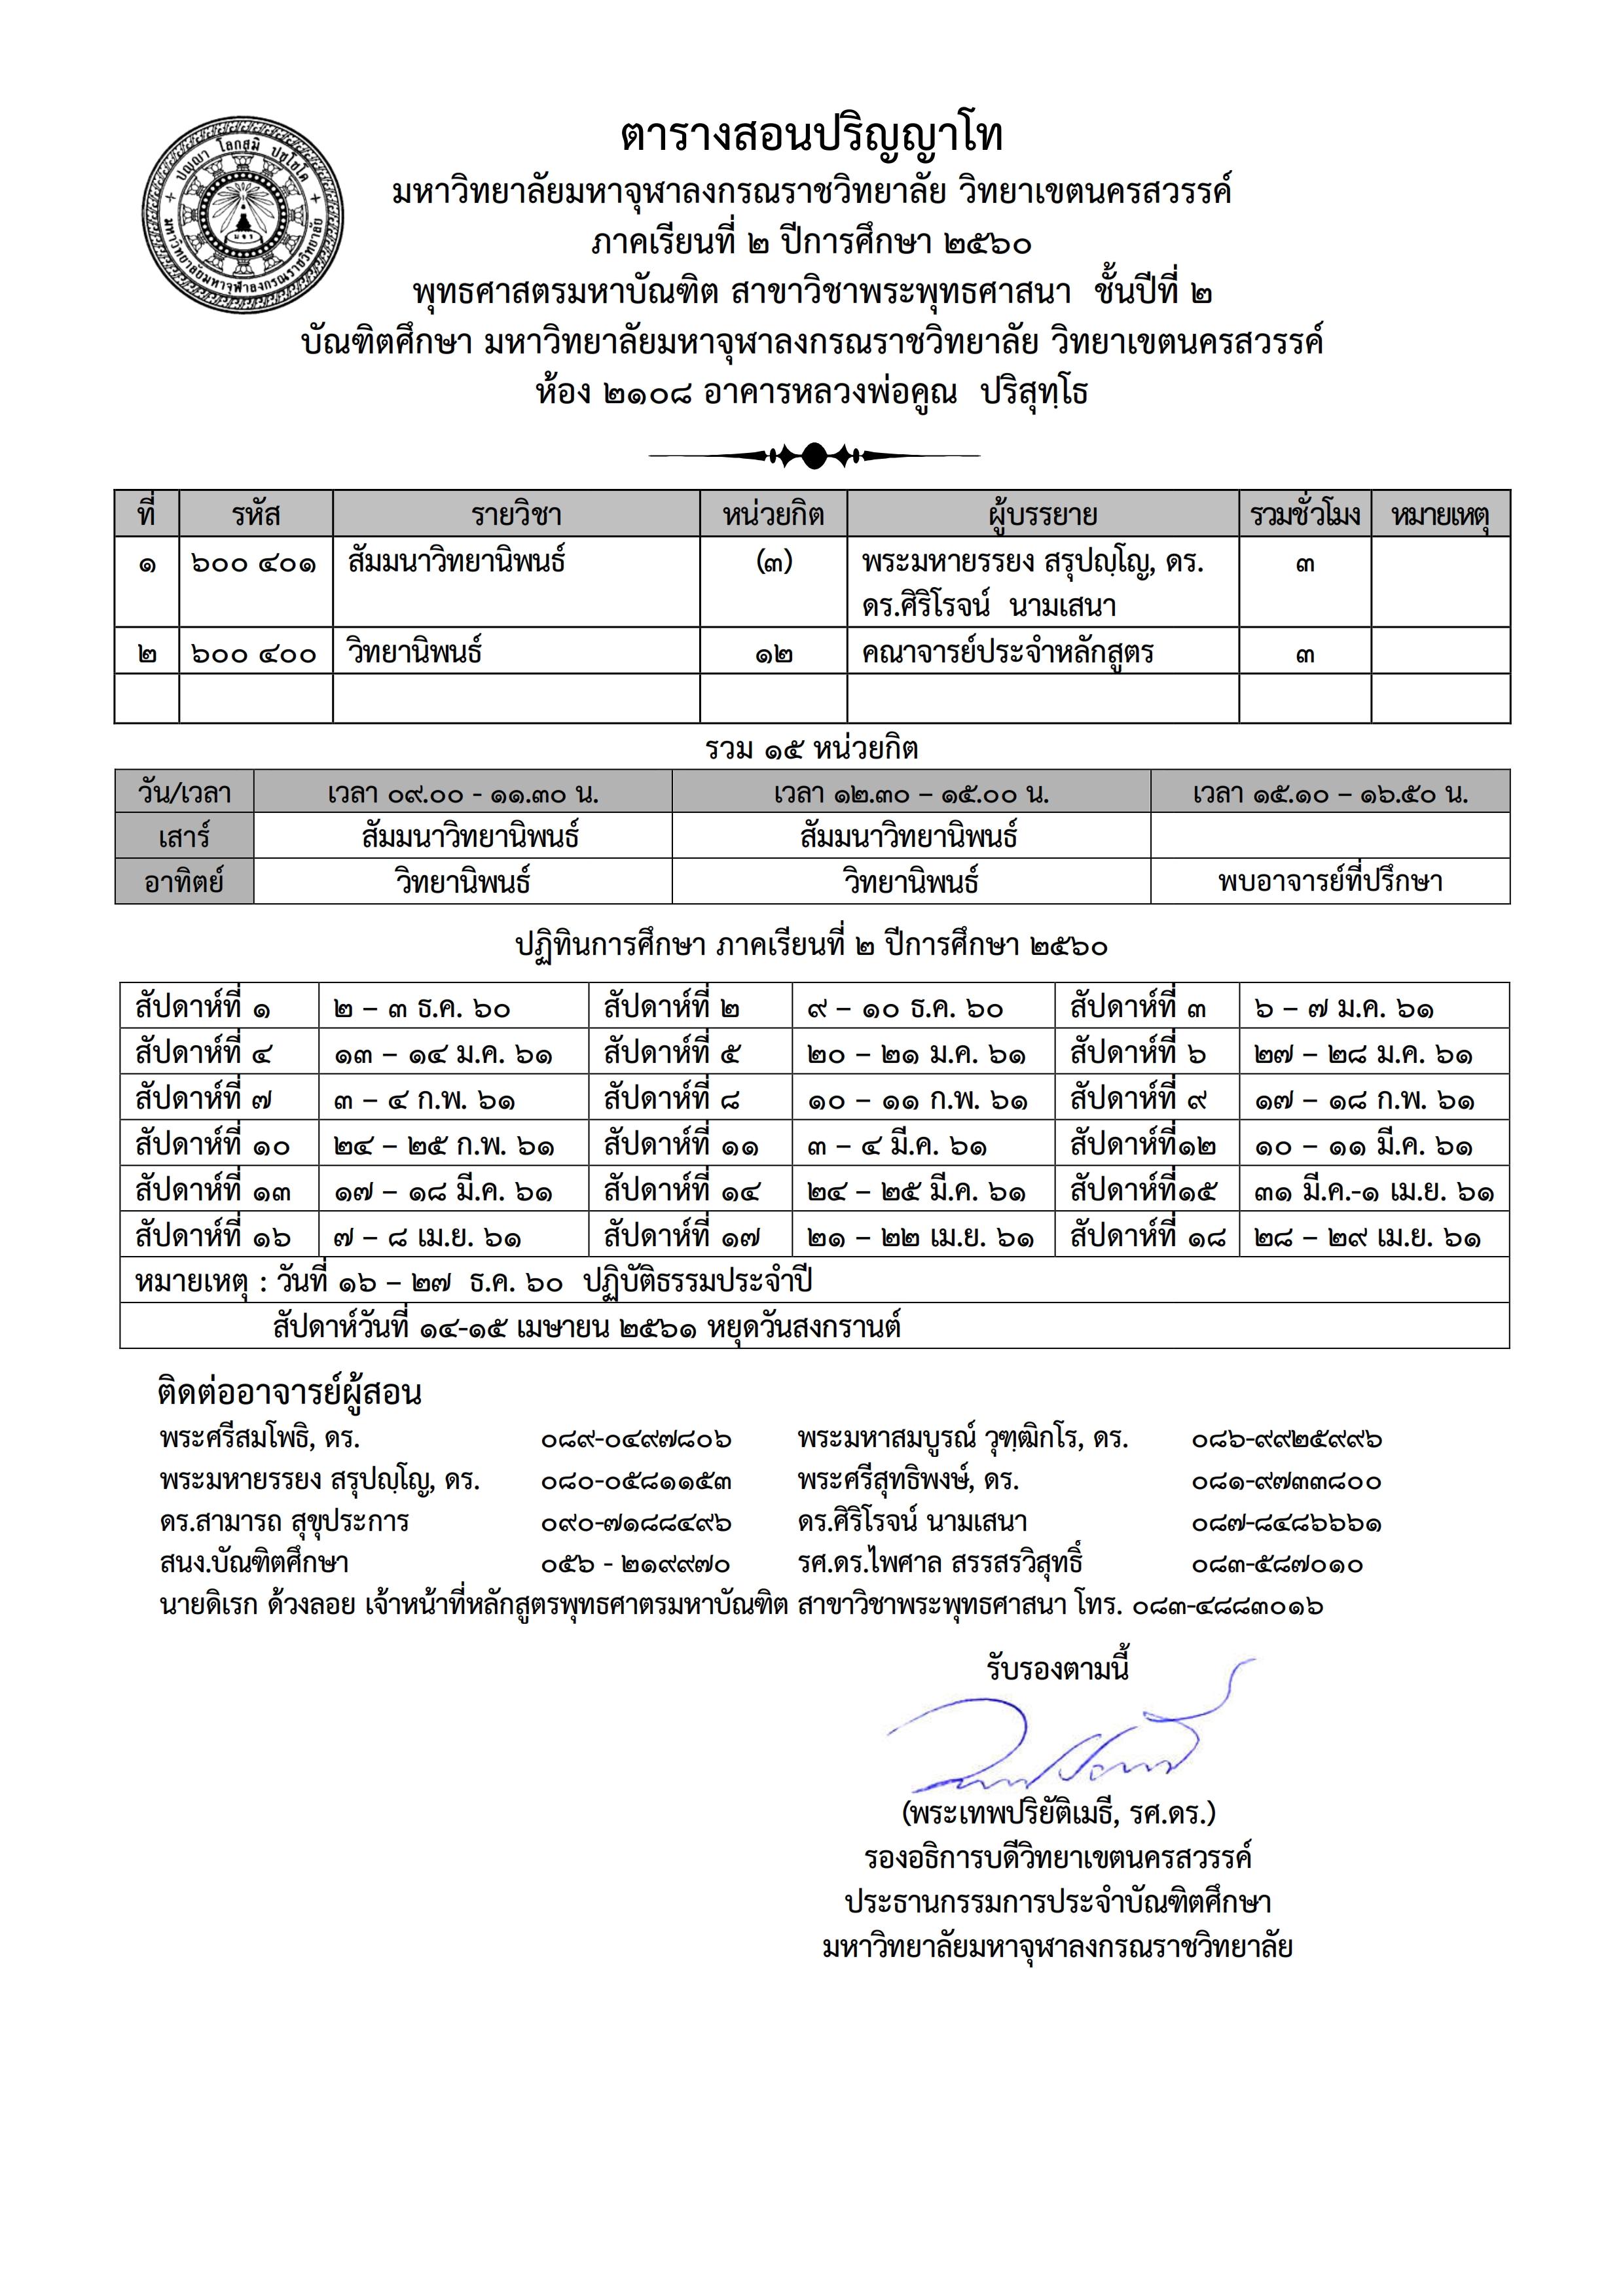 004-ปริญญาโท-สาขาวิชาพระพุทธศาสนา-2-2560_002